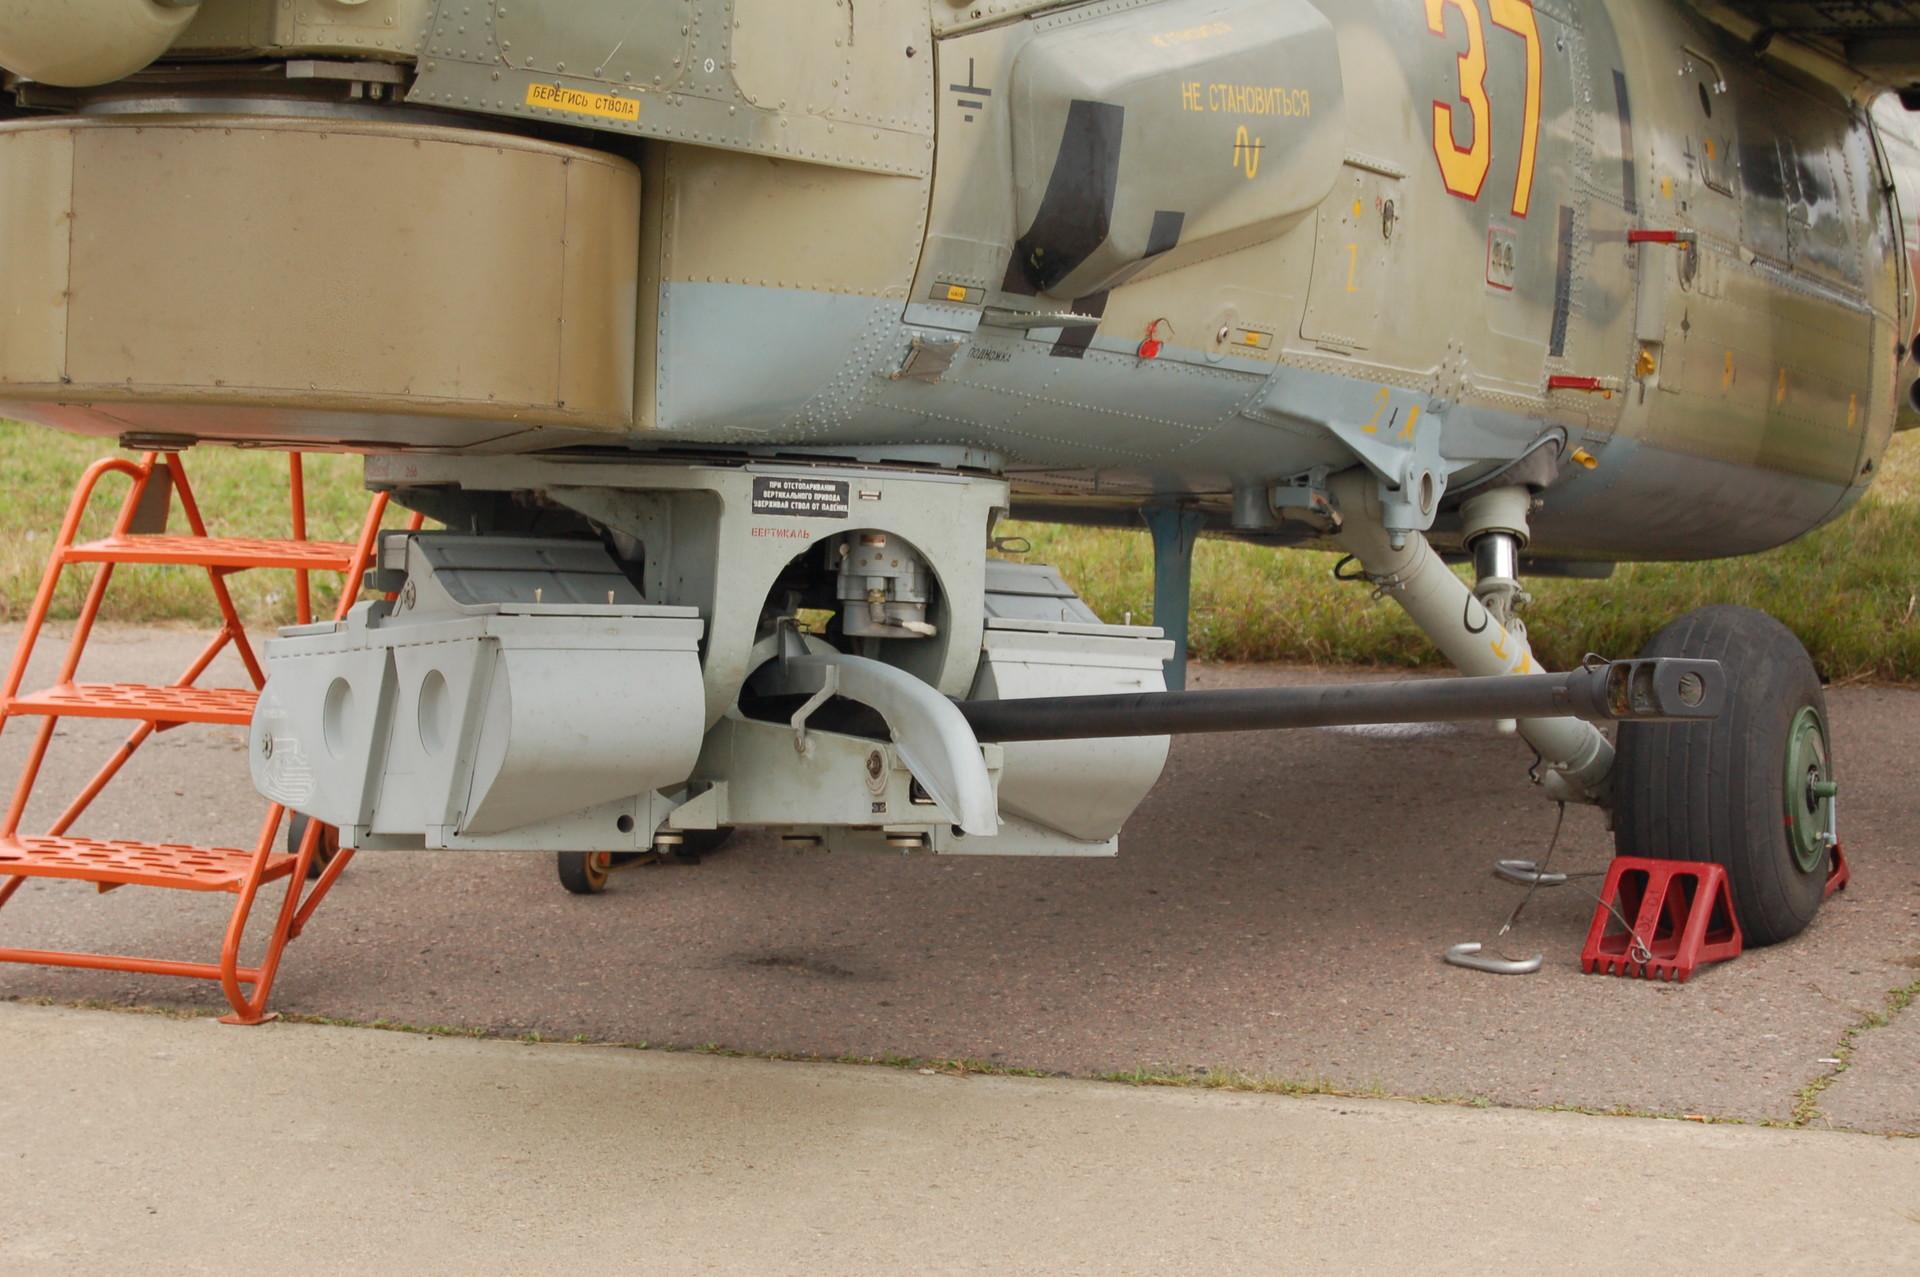 """Аутоматски топ 2А42 у кал.30мм на руском хеликоптеру Ми-28Н """"Ночной охотник""""."""